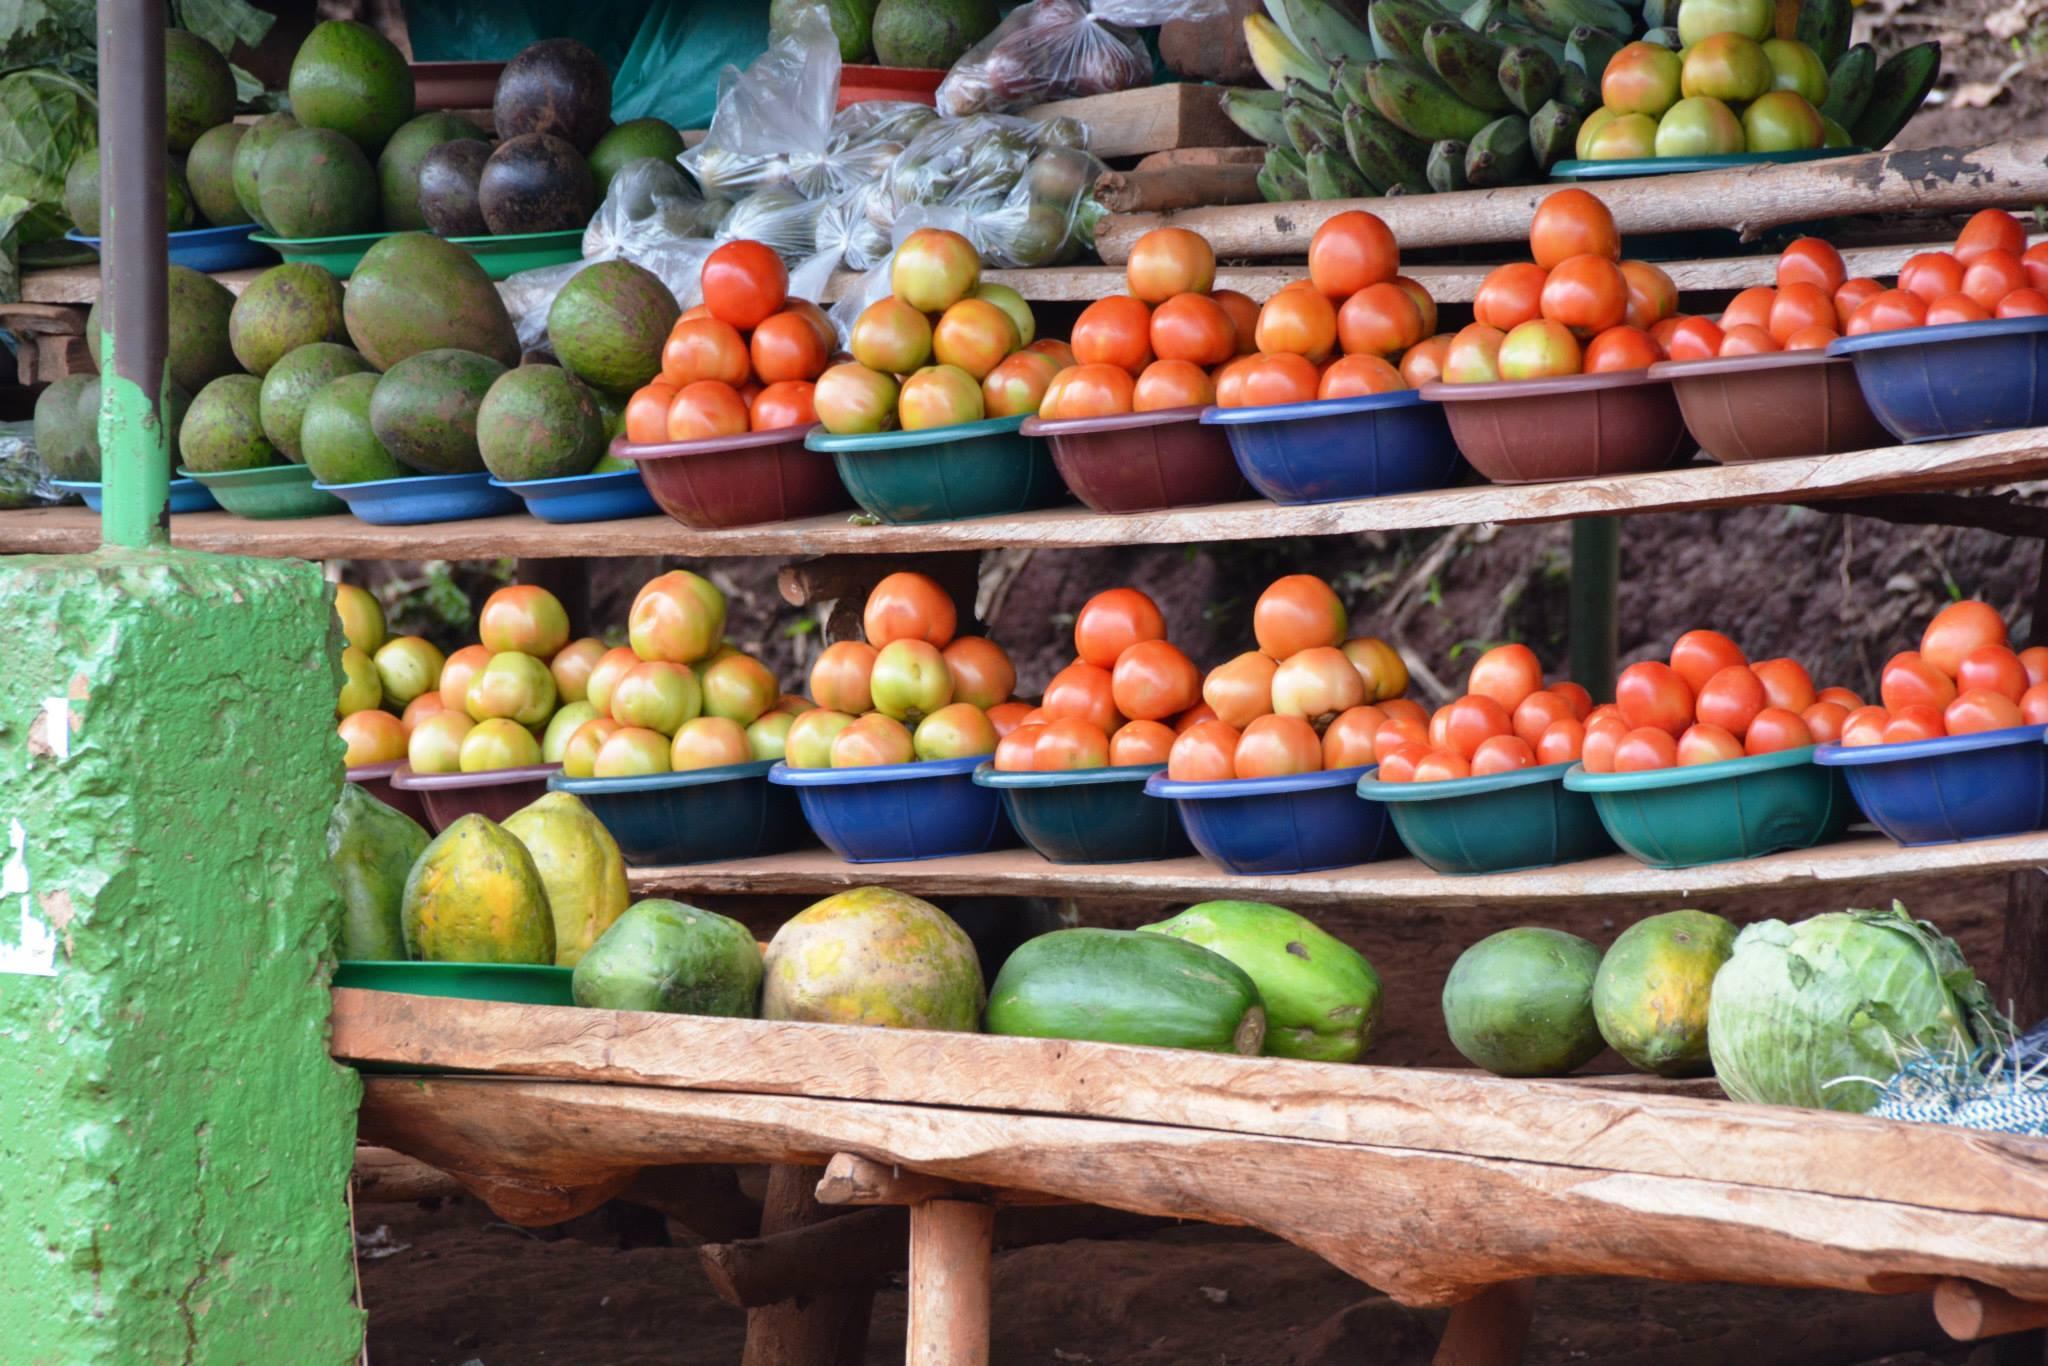 שוק פירות וירקות אופייני על הכבישים